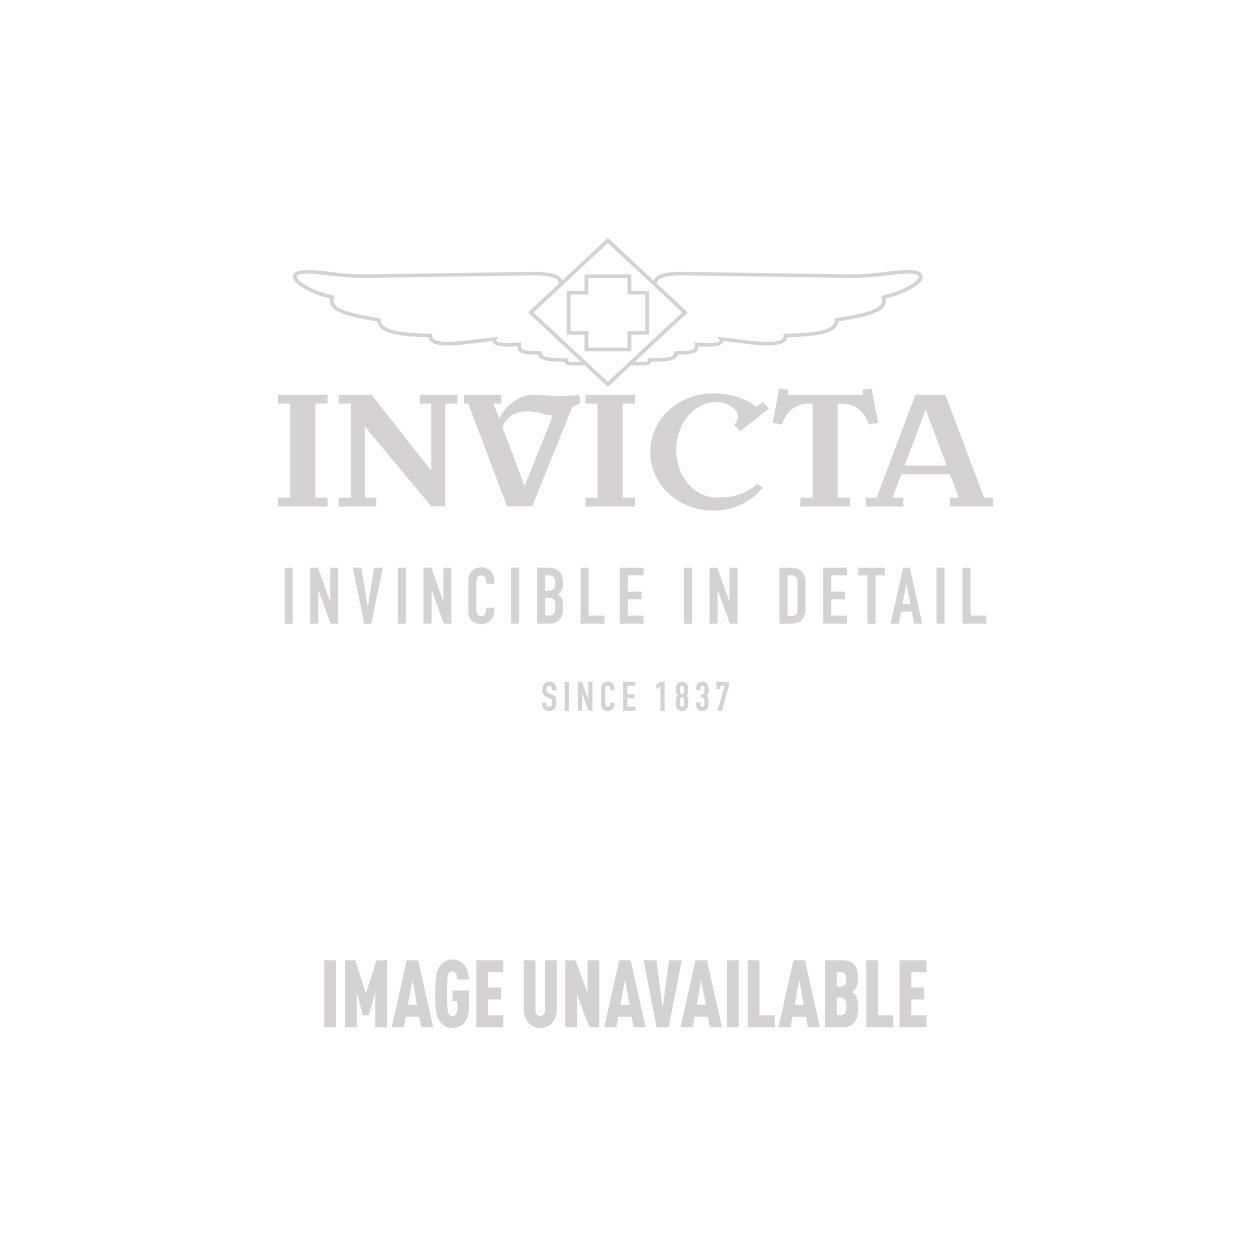 Invicta Model 25464